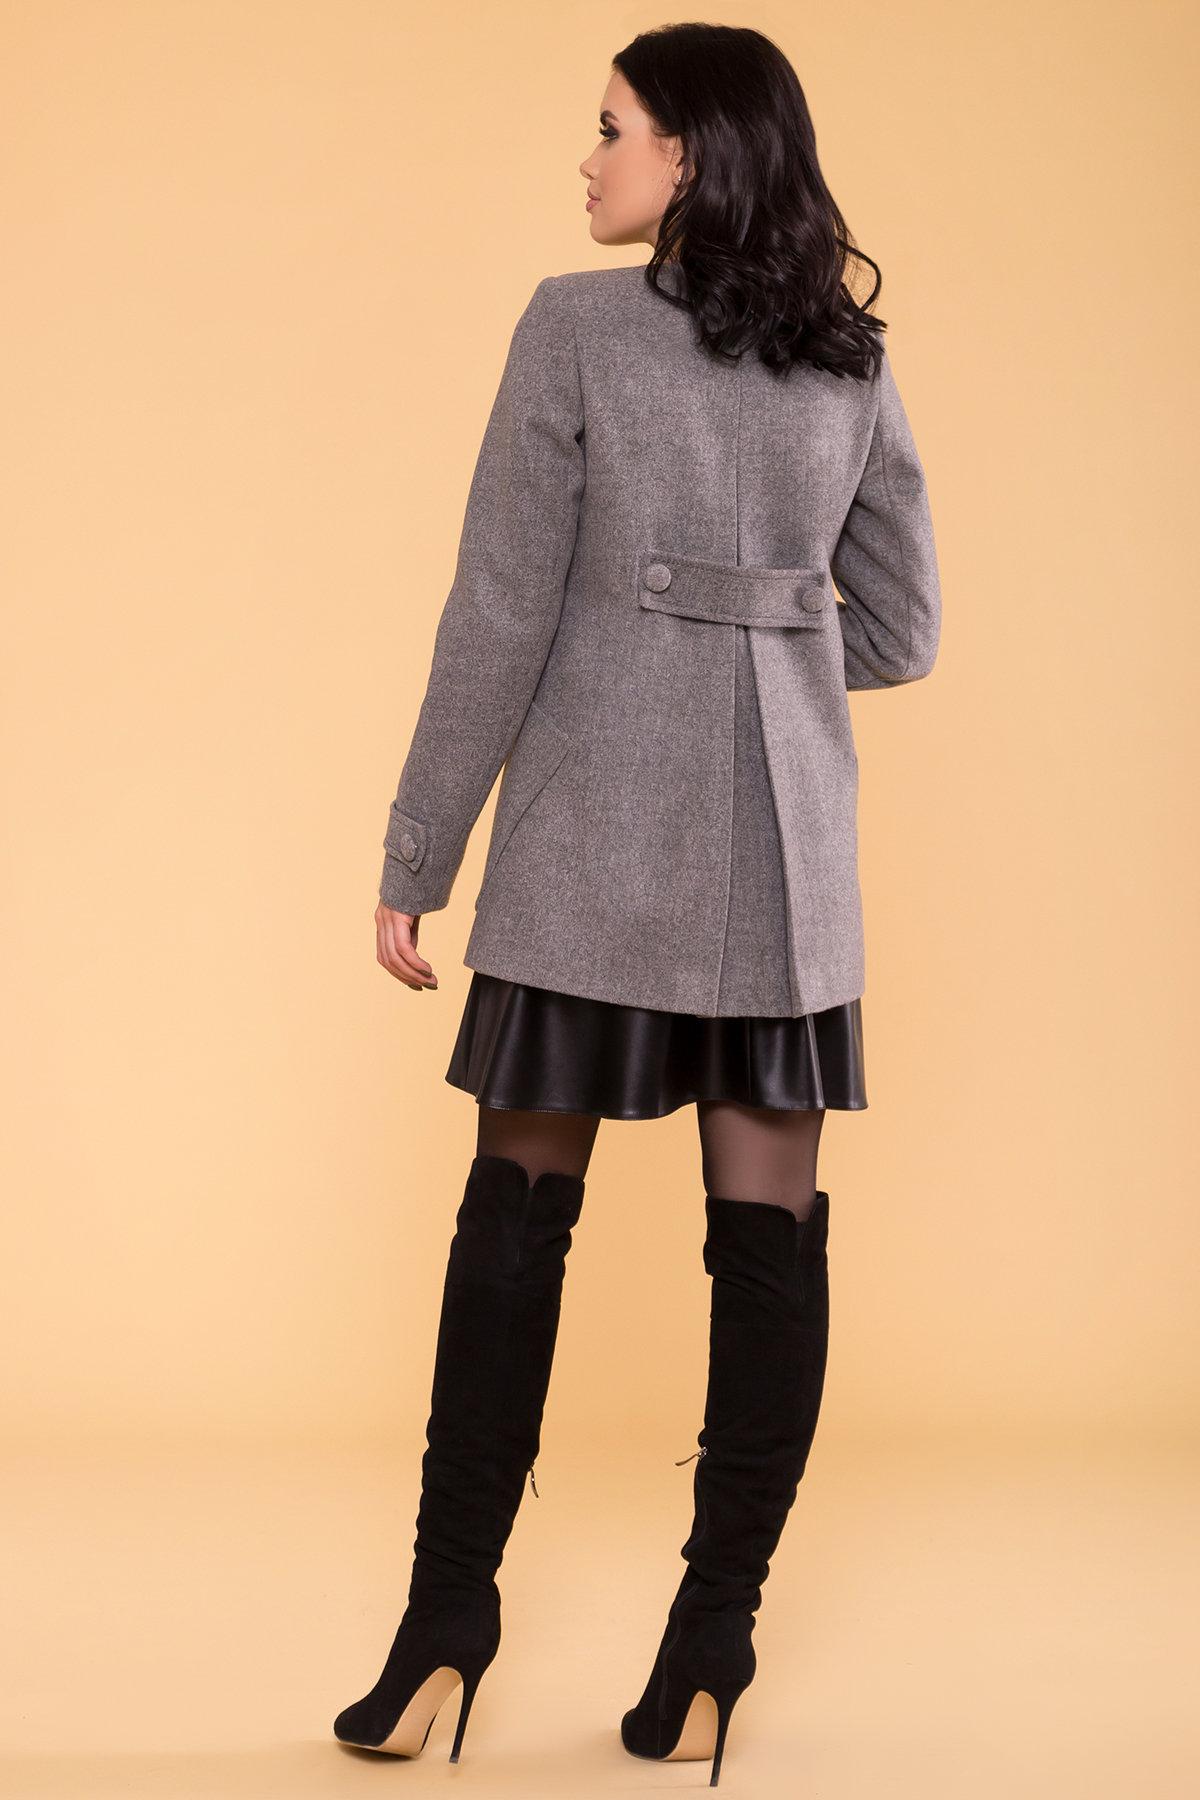 Пальто Латте 5636 АРТ. 37736 Цвет: Серый 18 - фото 2, интернет магазин tm-modus.ru